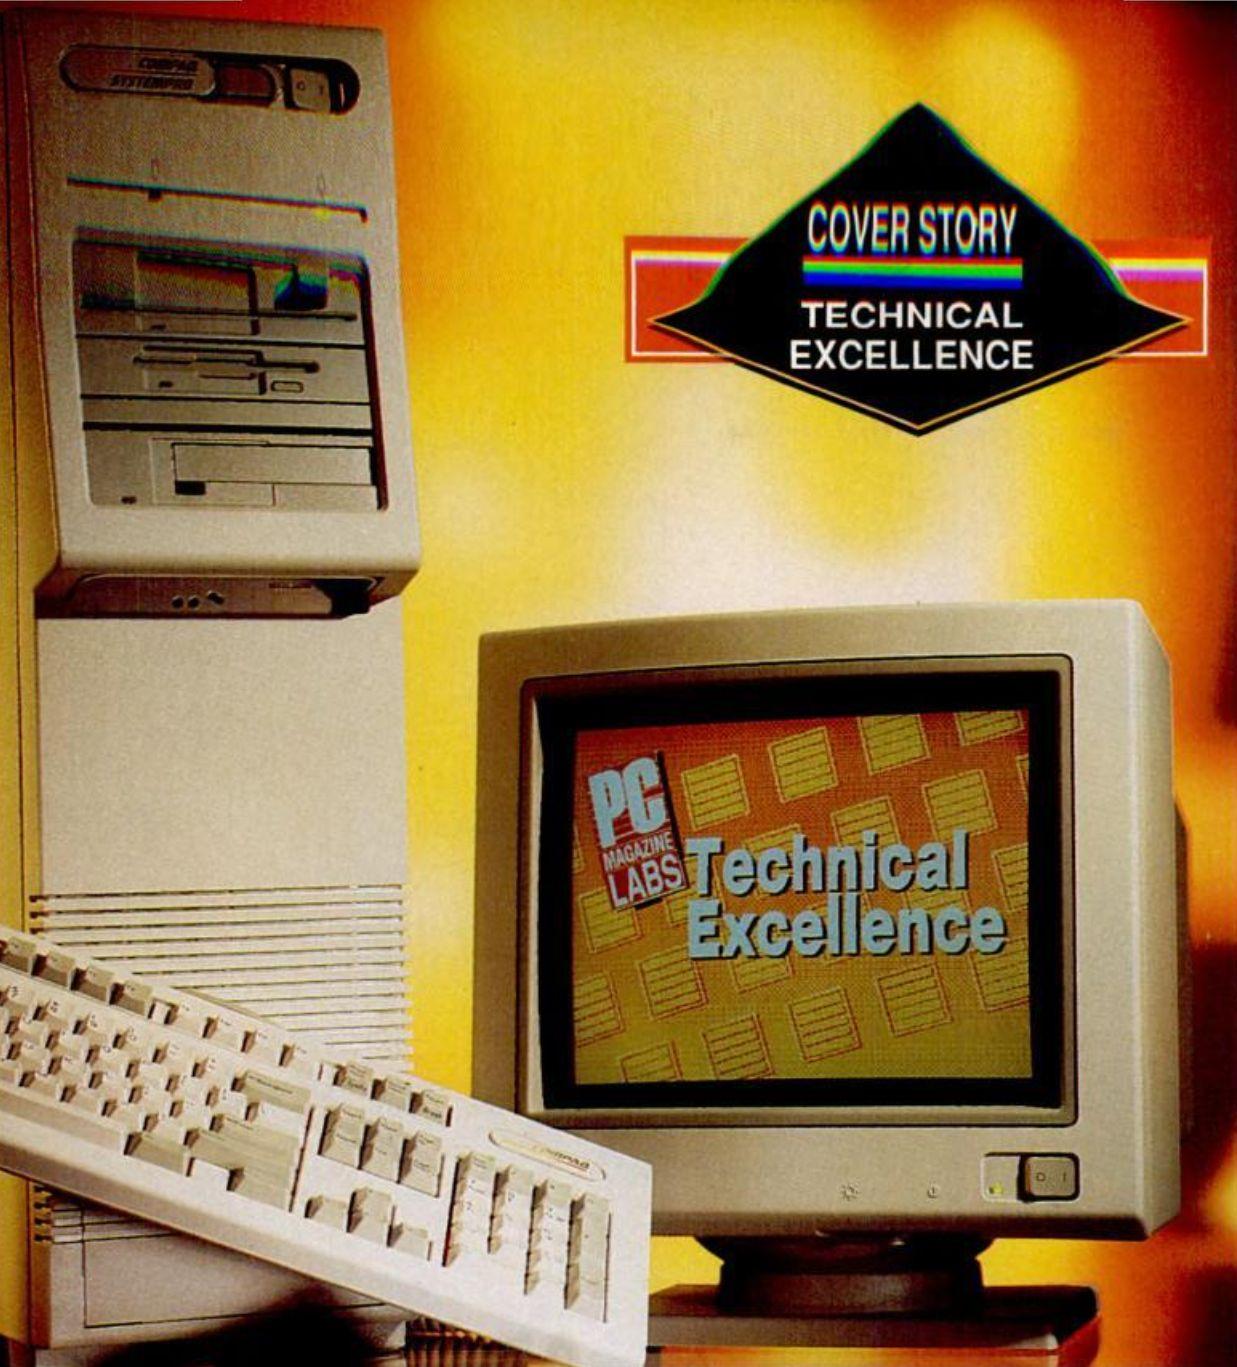 Древности: 20 лет компьютерных технологий в публикациях СМИ - 10